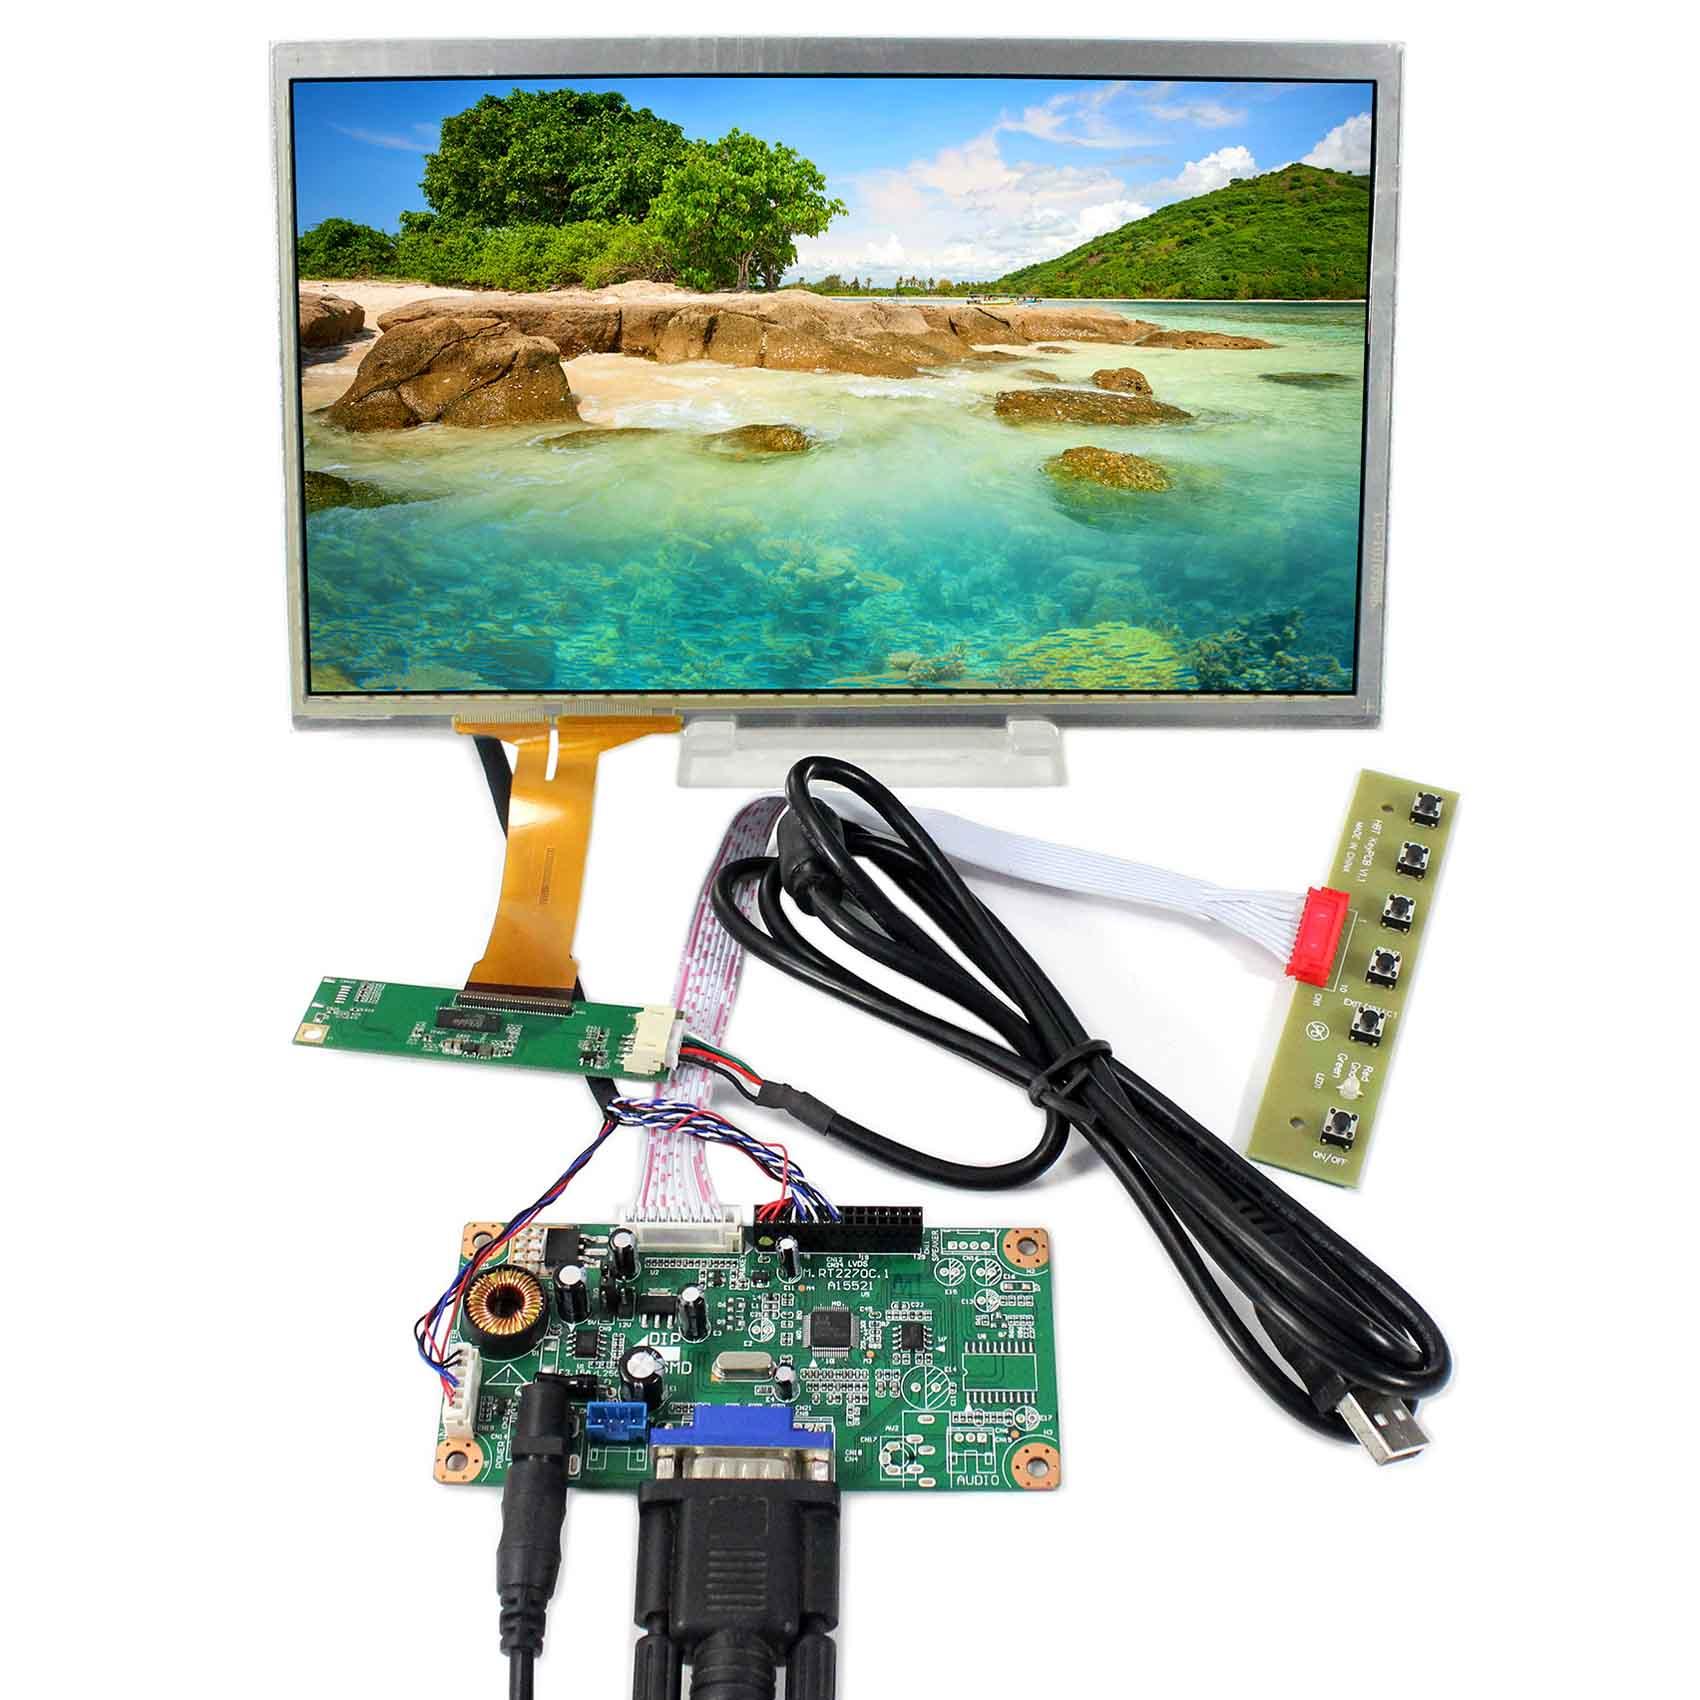 VS101TC01-C1 1366X768 Resolution 10.1inch LCD Screen  VGA LCD Controller BoardVS101TC01-C1 1366X768 Resolution 10.1inch LCD Screen  VGA LCD Controller Board